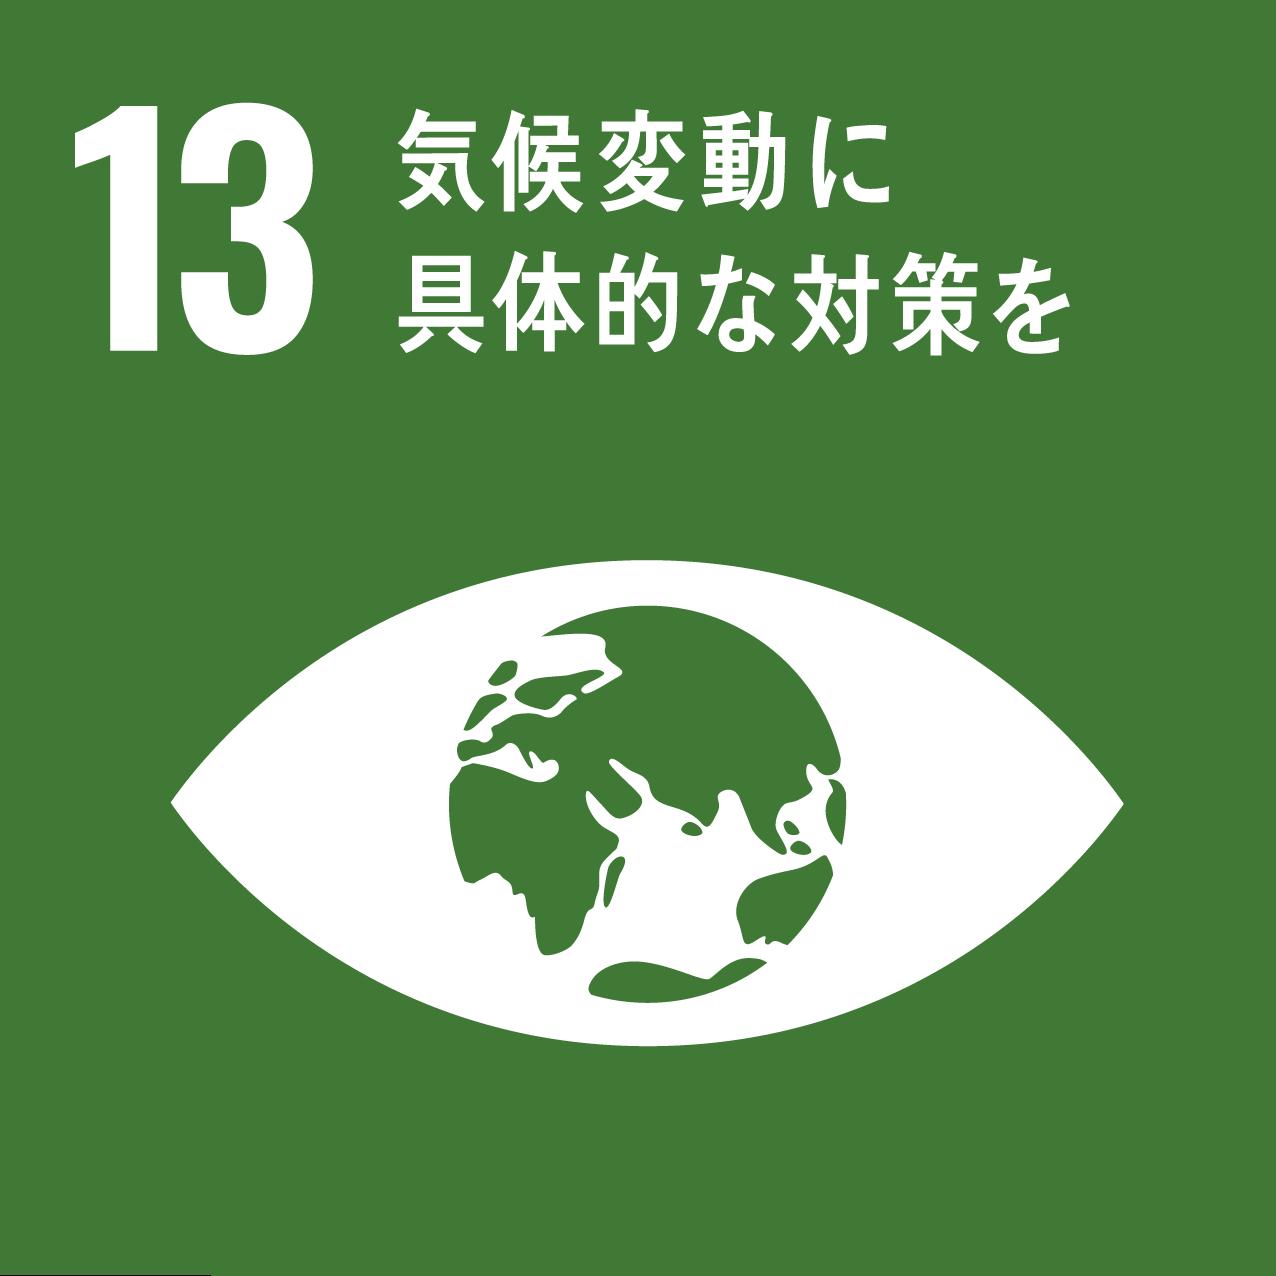 13 気候変動に具体的な対策を